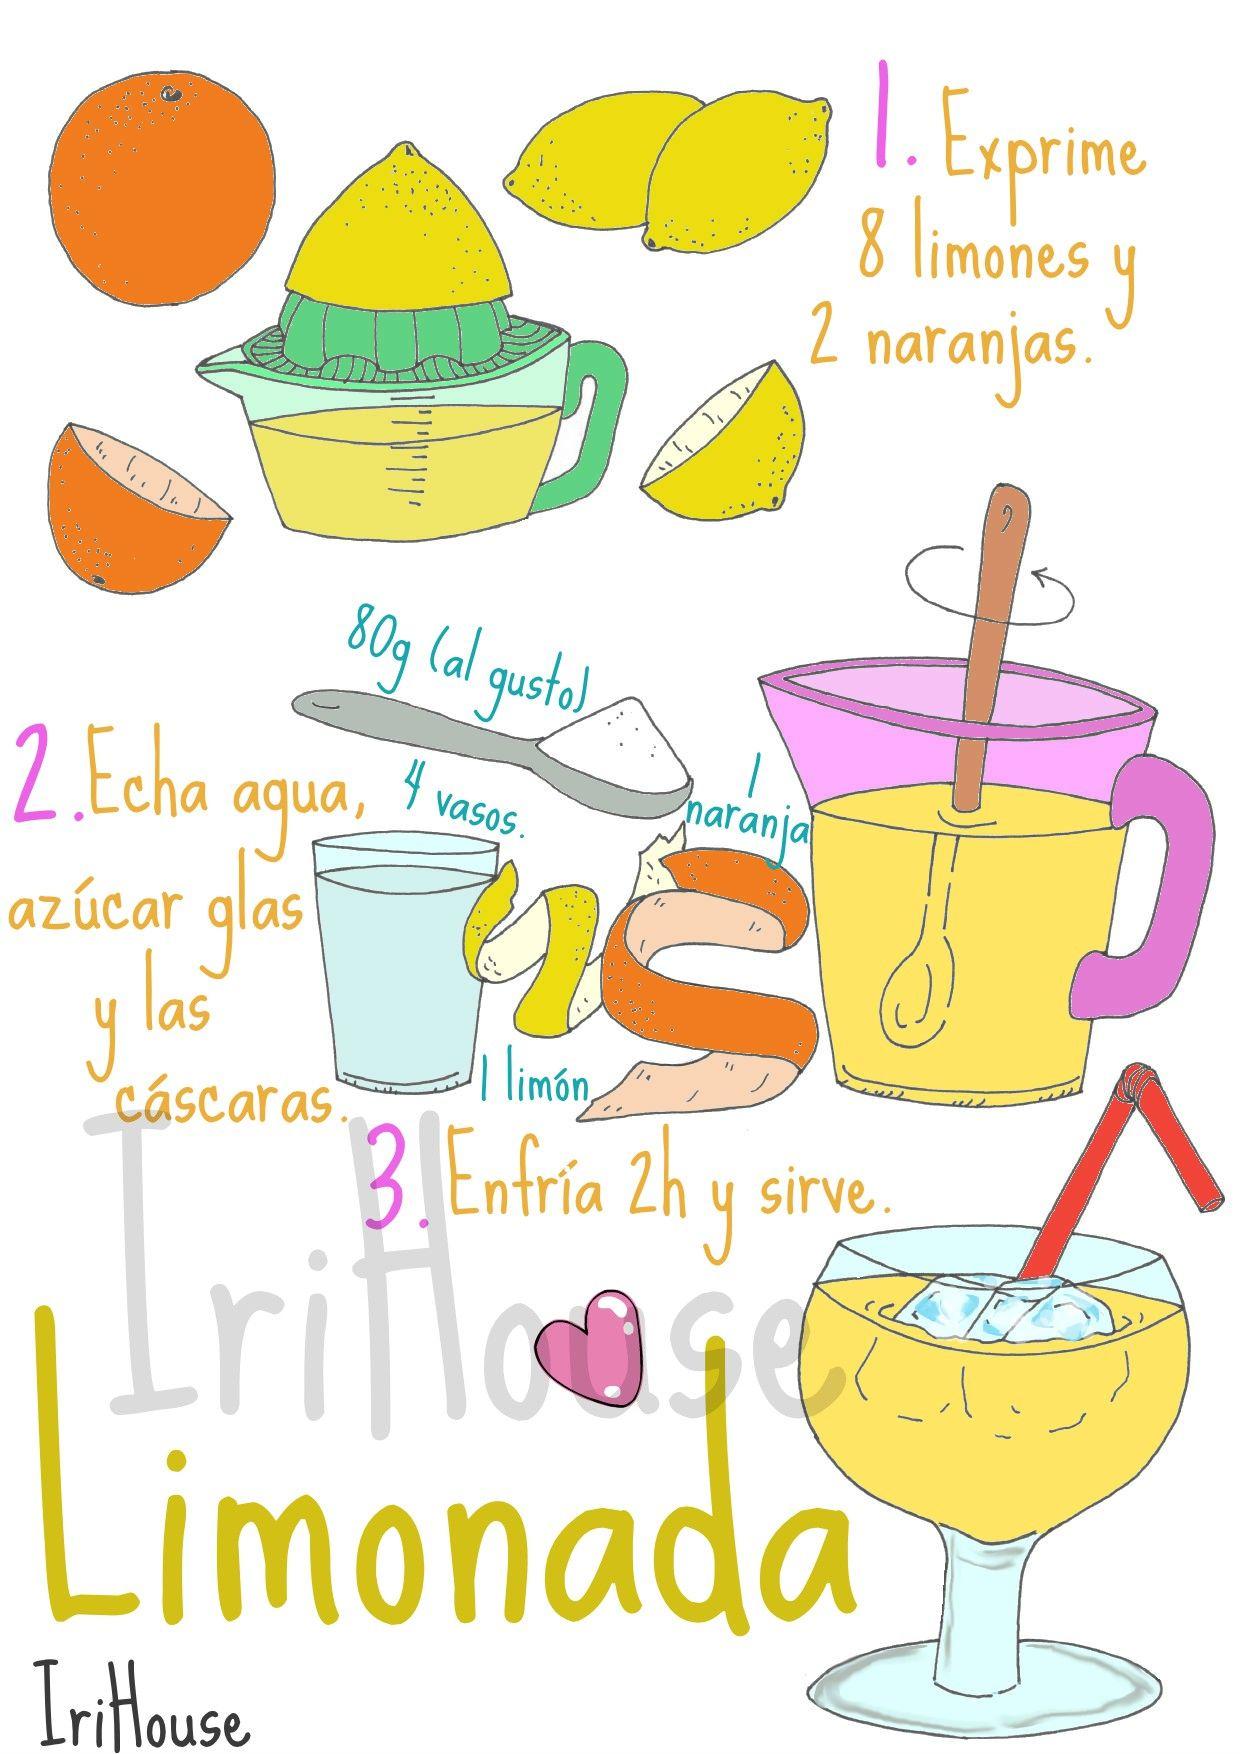 cd3ce56cf2c845c5dd07ab811ffffacb - Limonadas Recetas